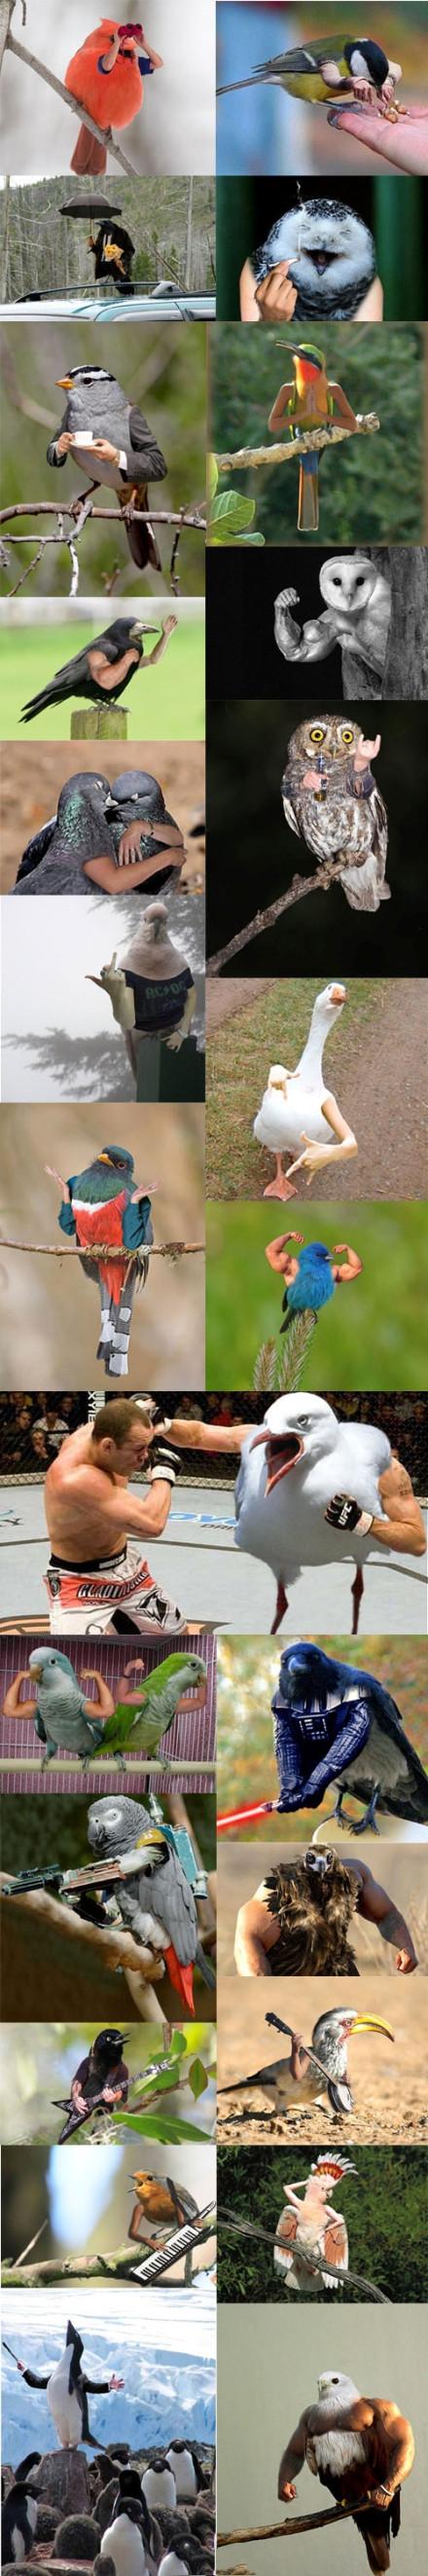 如果小鸟们有手...毫无违和好嘛!【转】